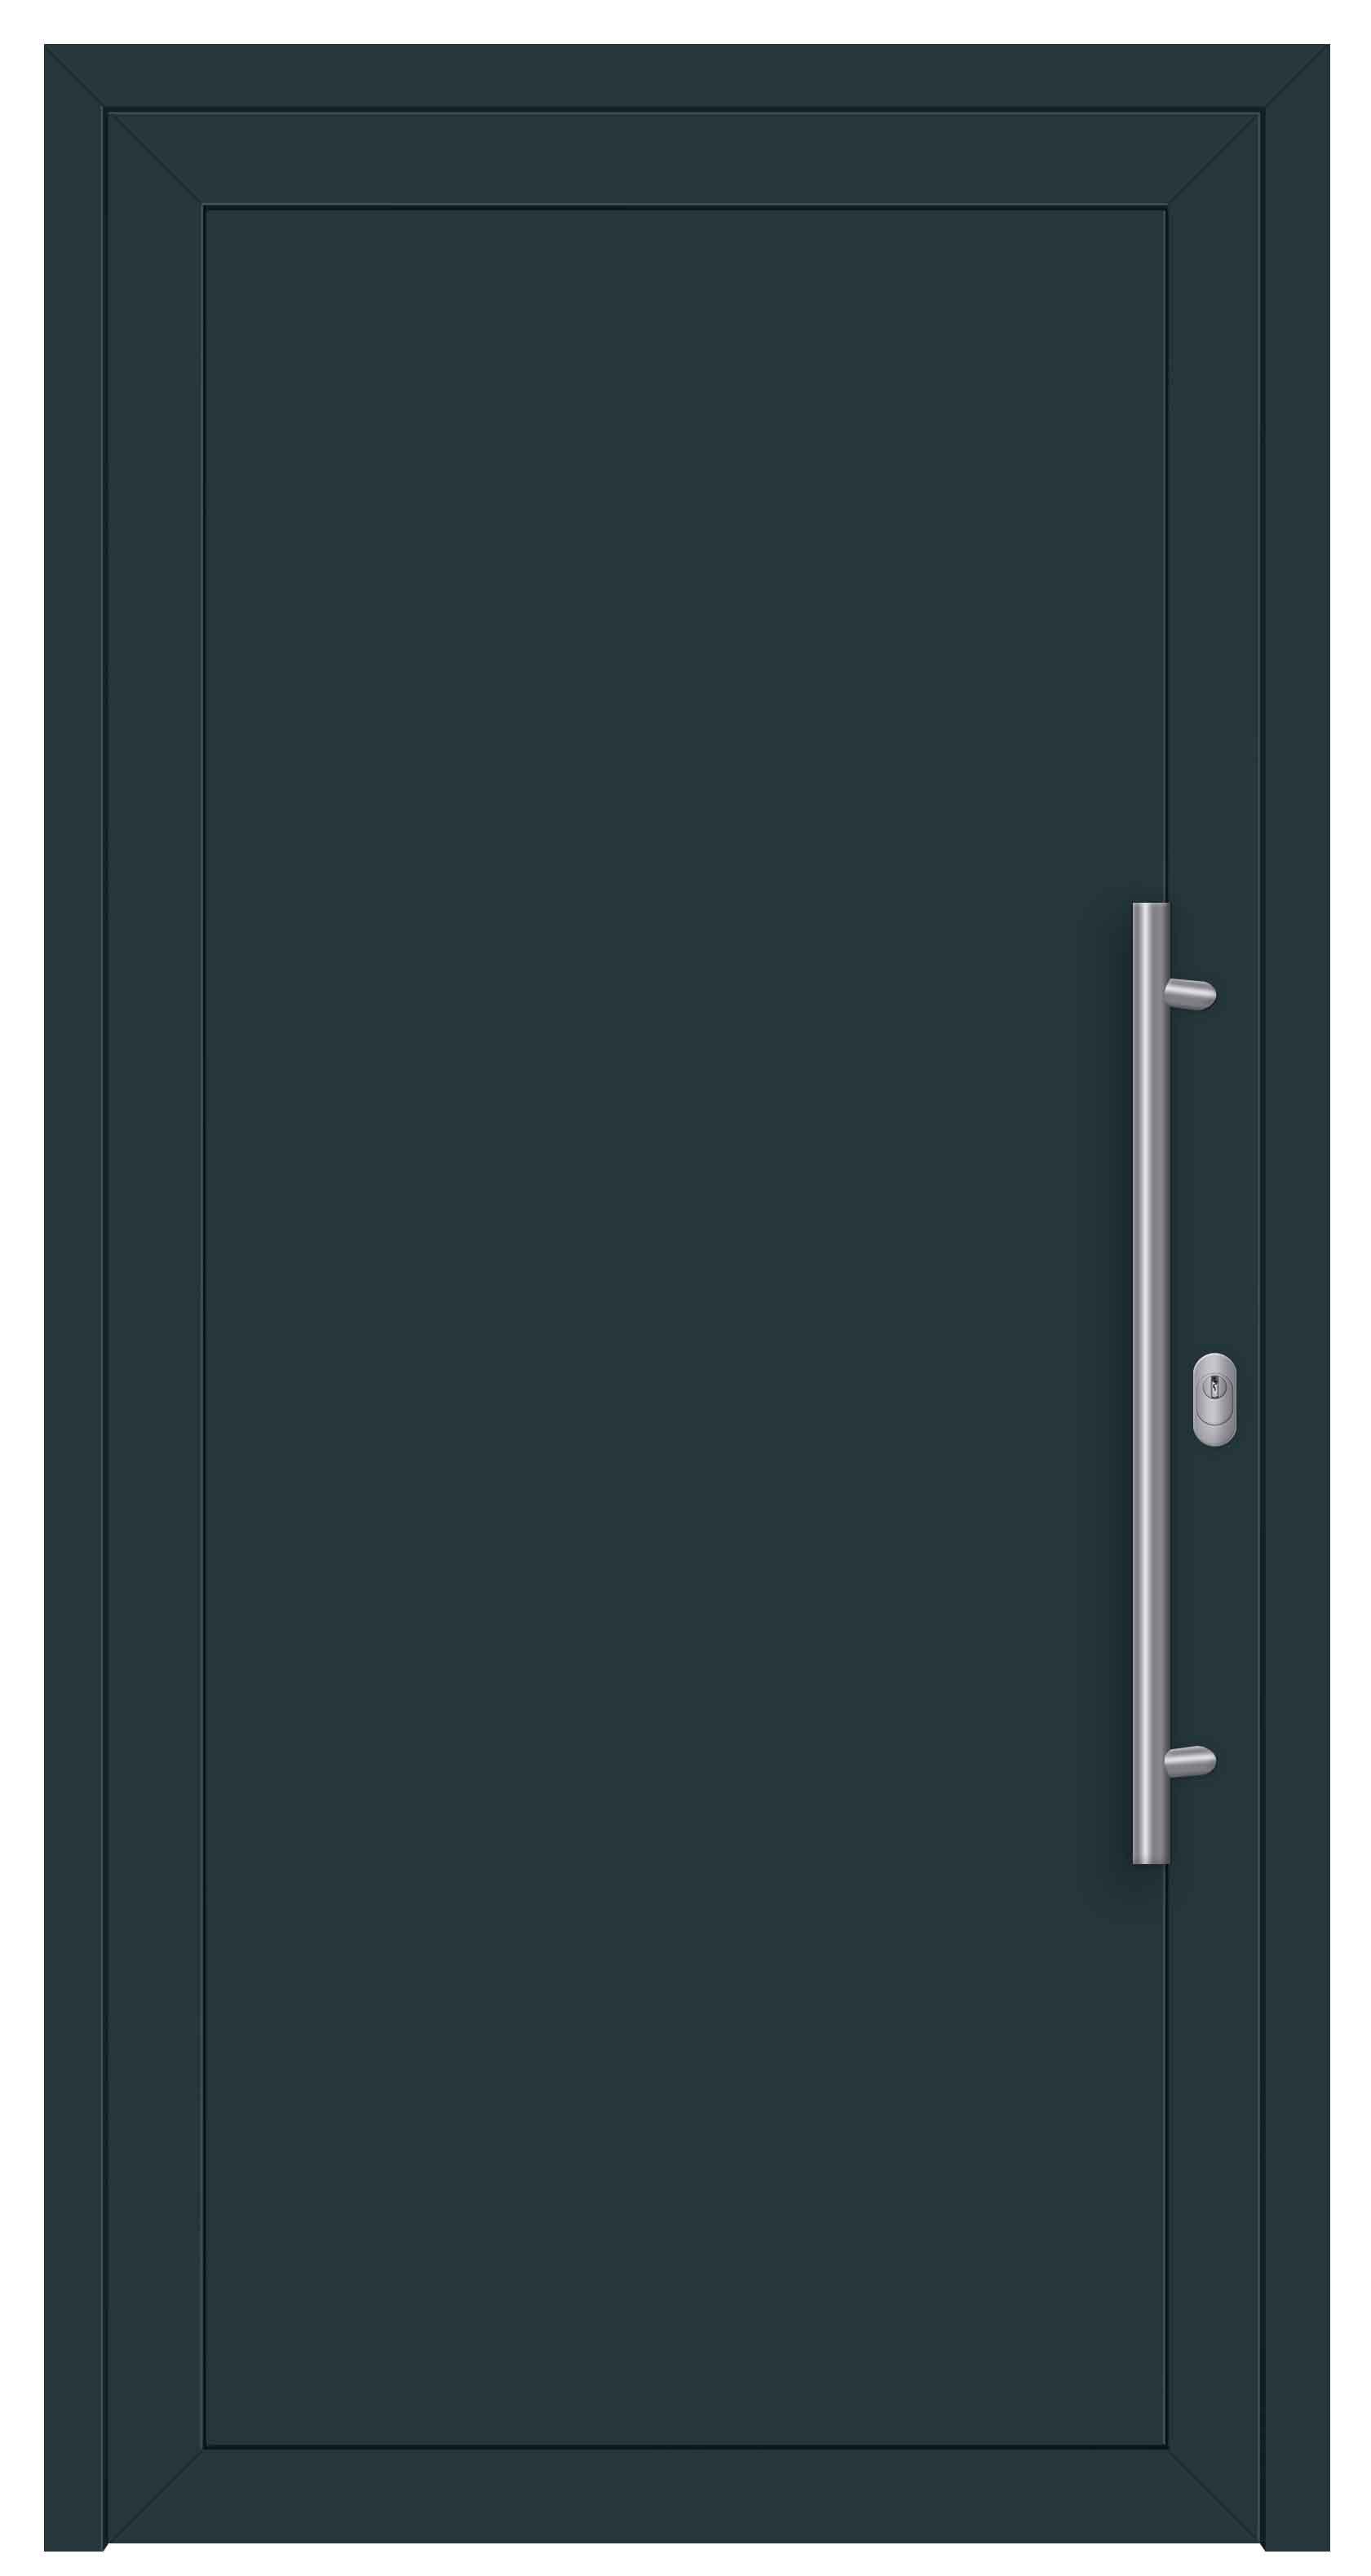 S003 Side_Speed Aluminiumhaustür Innen 7016 /Außen 7016